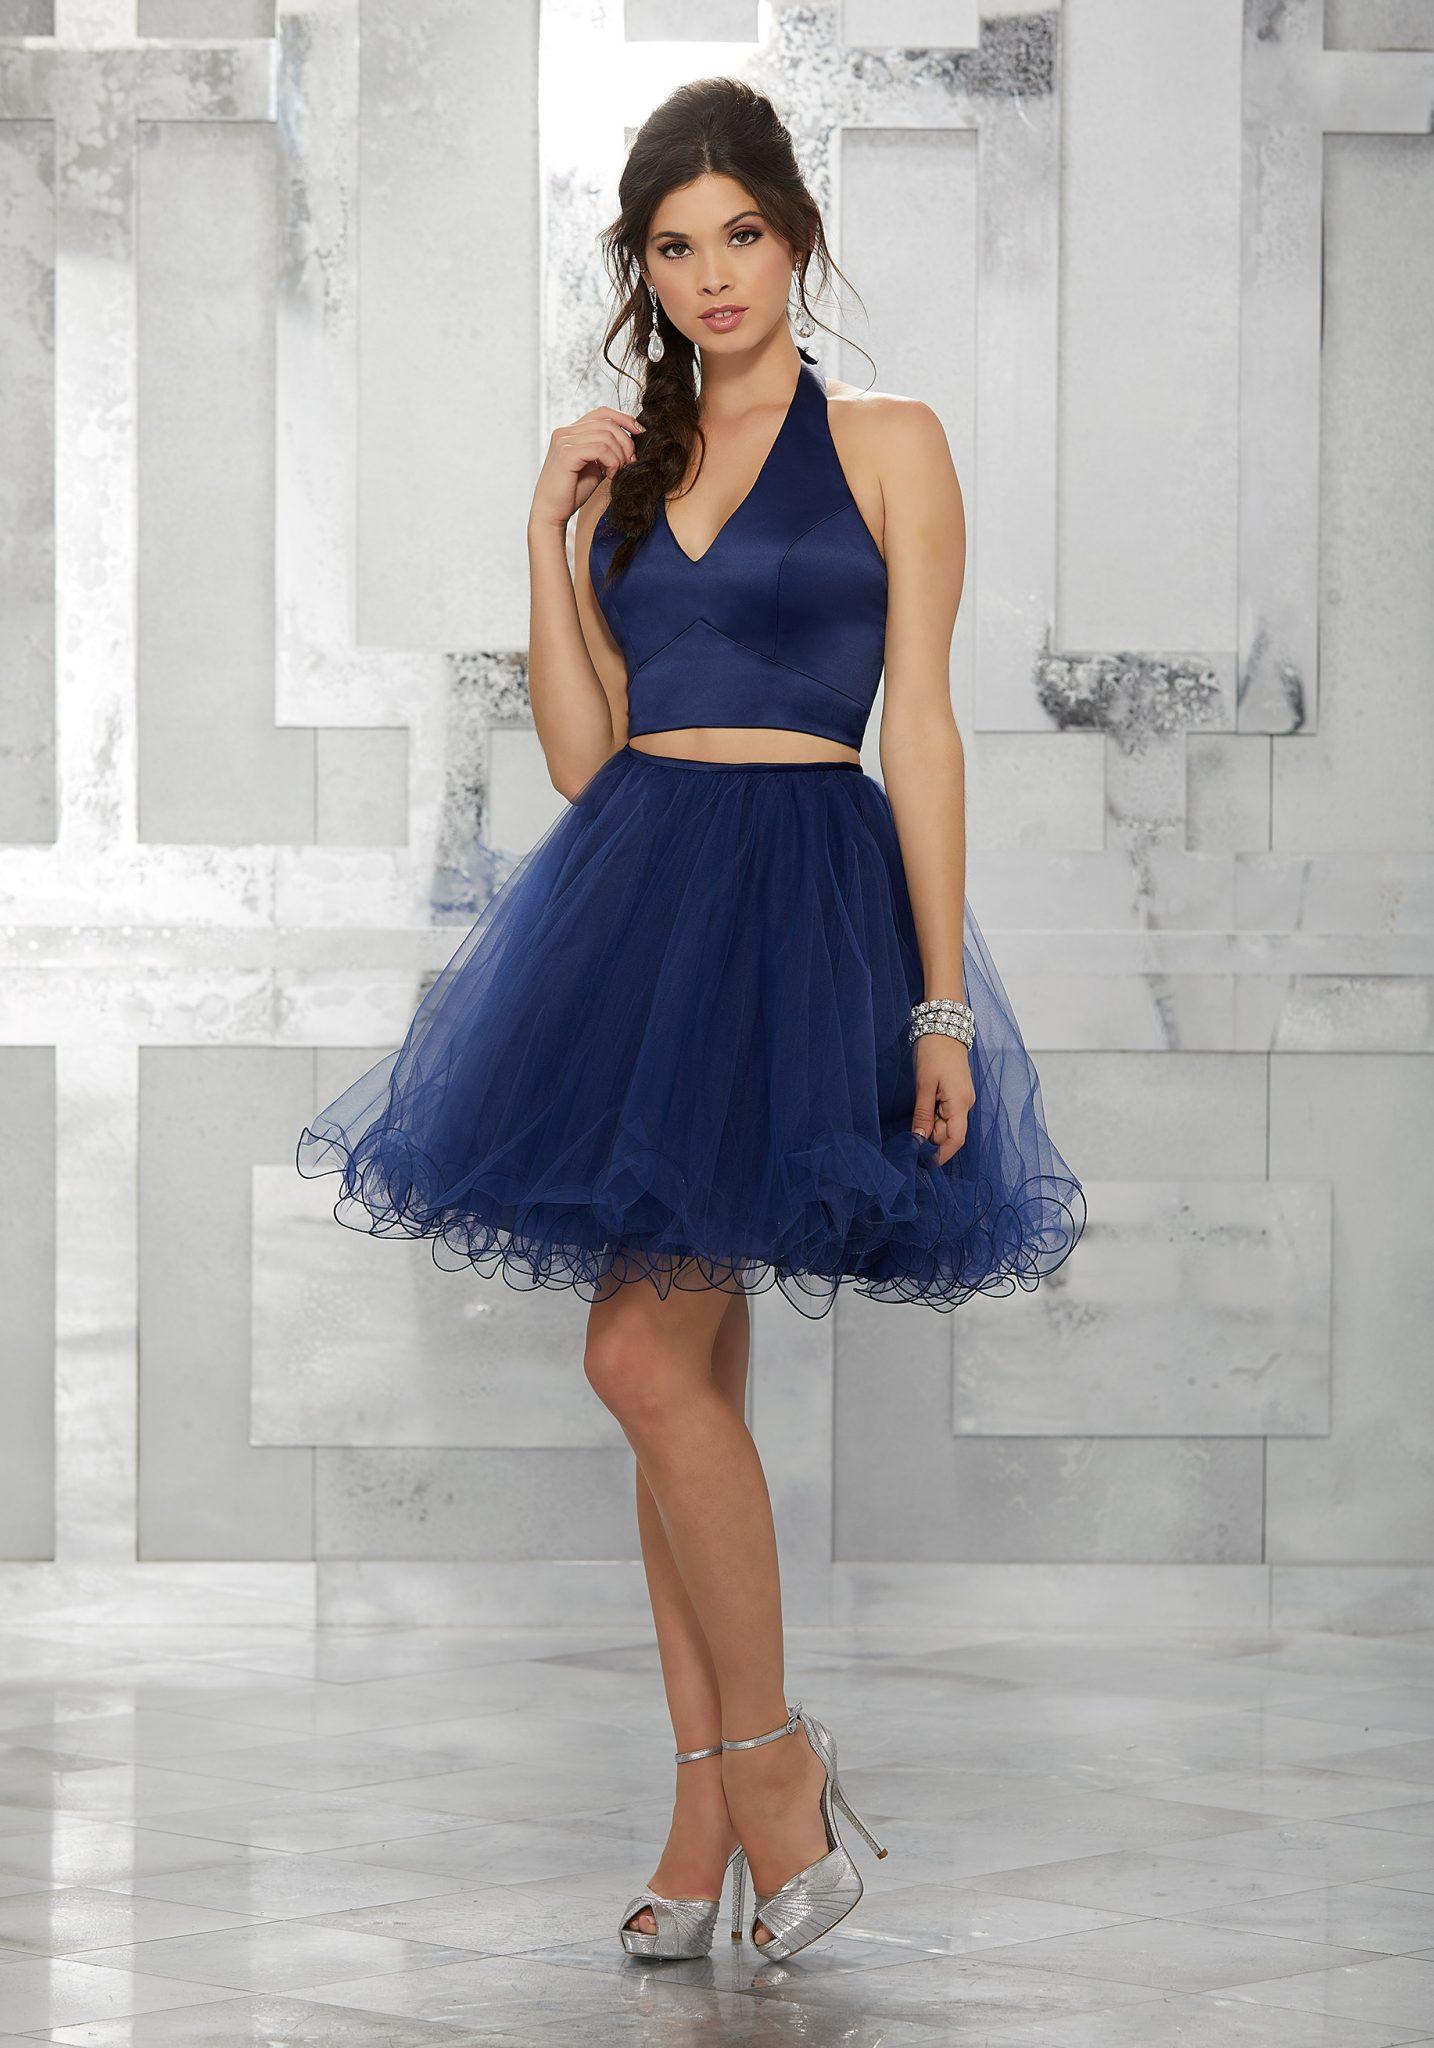 2020 Abiye Elbise Kısa Abiye Modelleri Lacivert Kalın Askılı Kabarık Tül Etek İki Parçalı